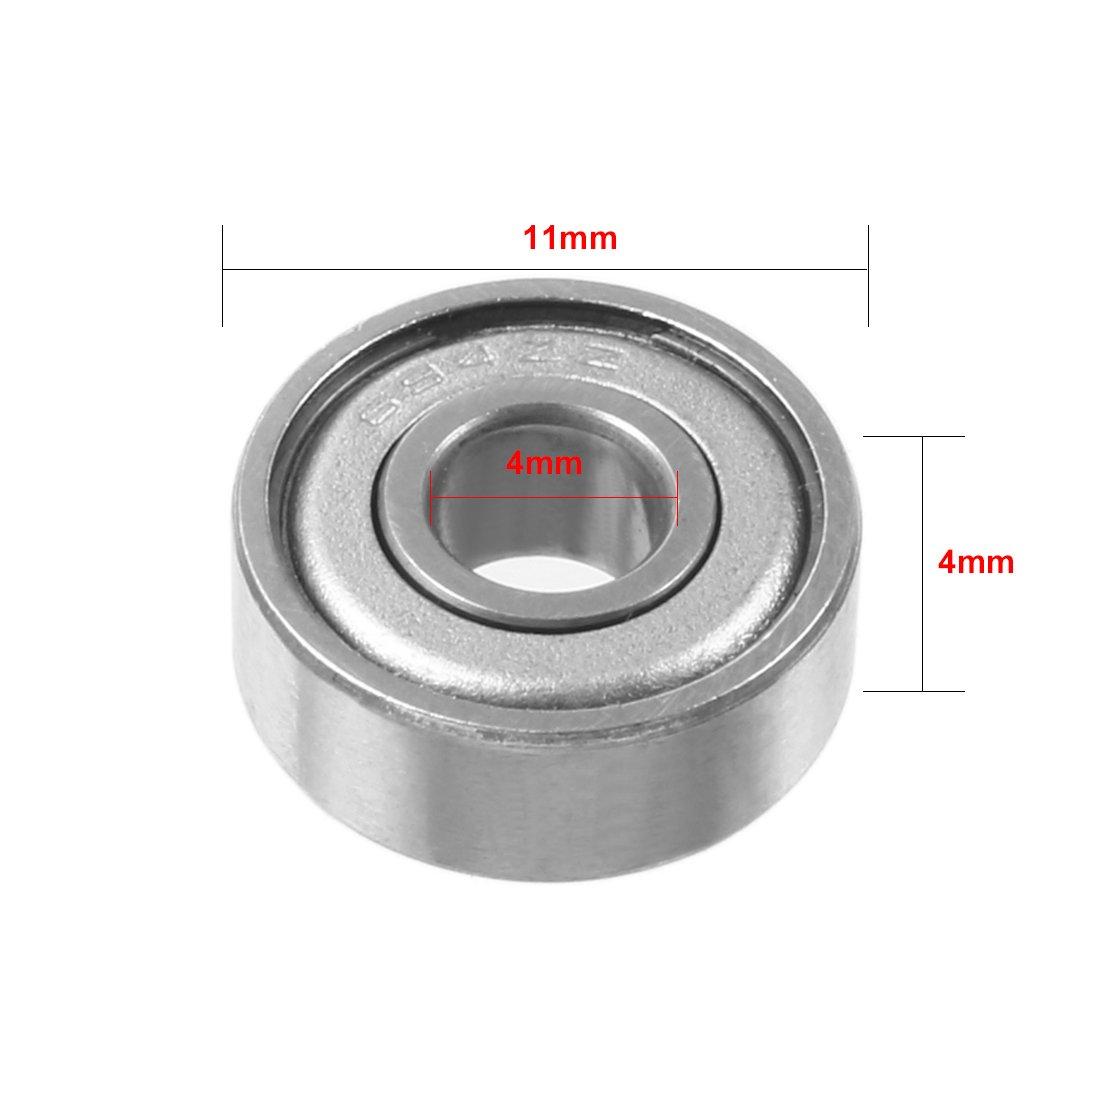 uxcell 20pcs 694ZZ 4mmx11mmx4mm Double Shielded Miniature Deep Groove Ball Bearing